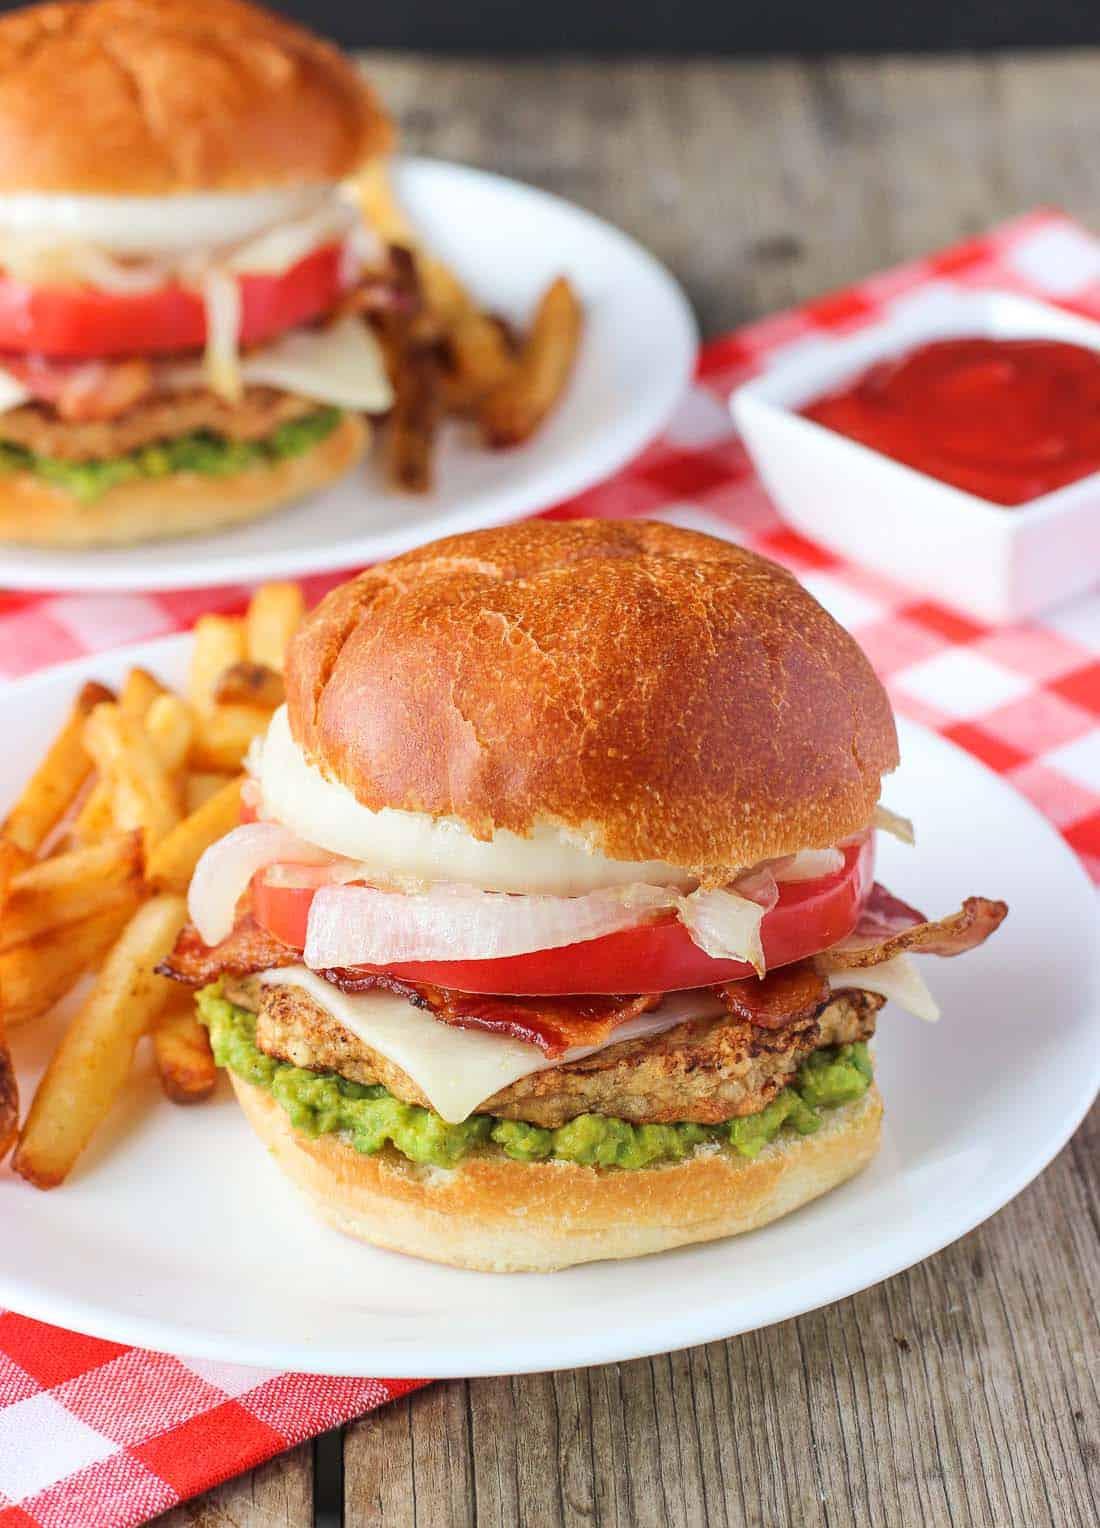 Bacon Cheddar Chicken Burger with Smoky Guacamole | mysequinedlife.com